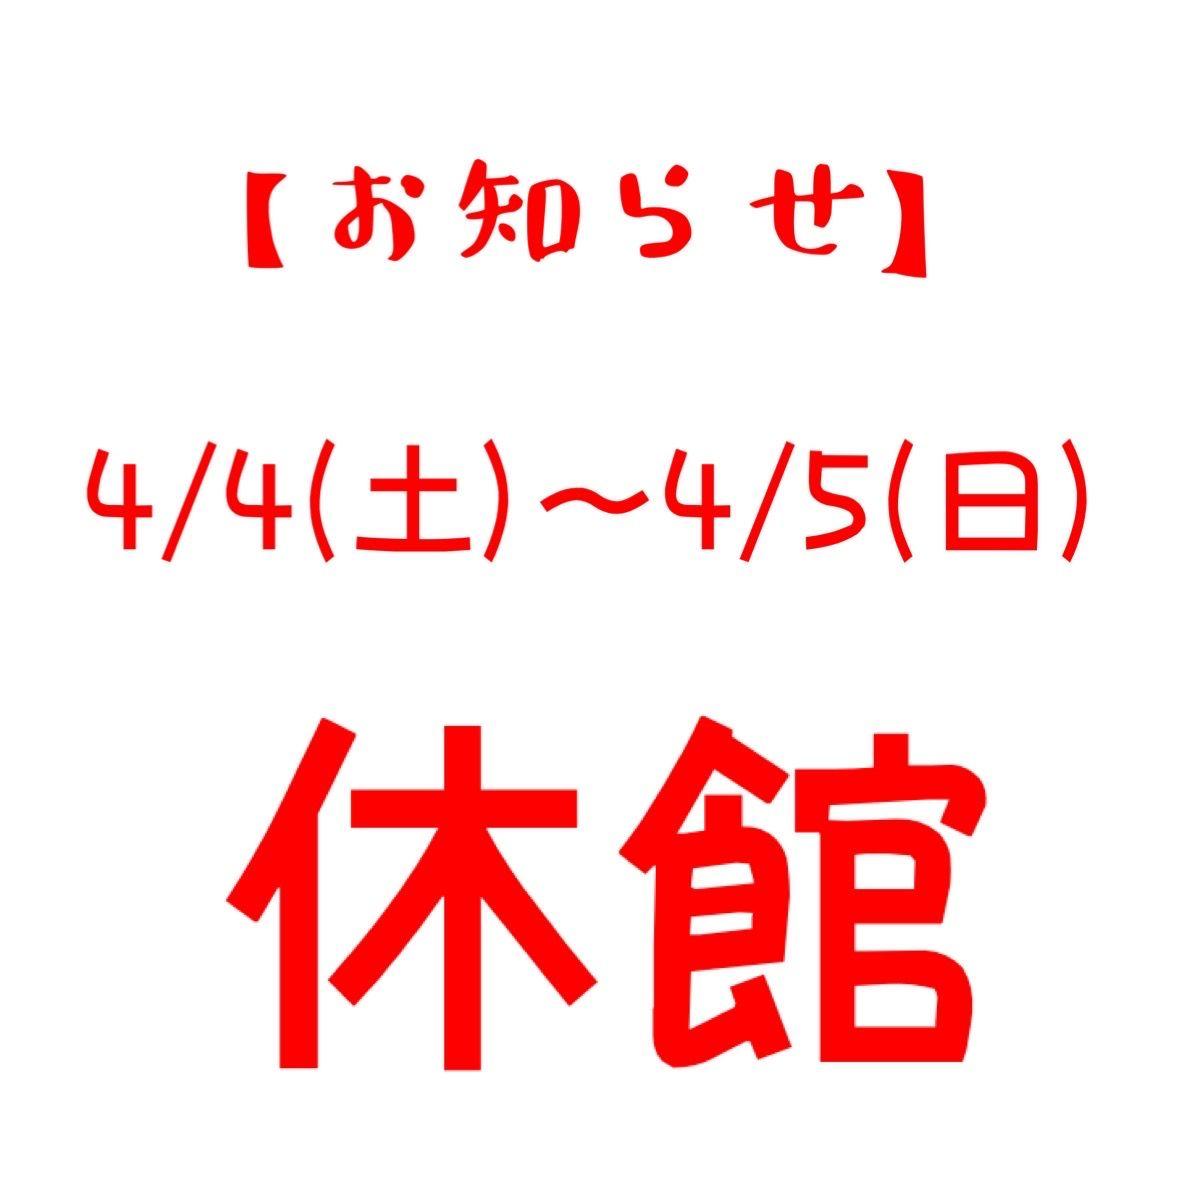 「【営業時間のお知らせ】」の写真